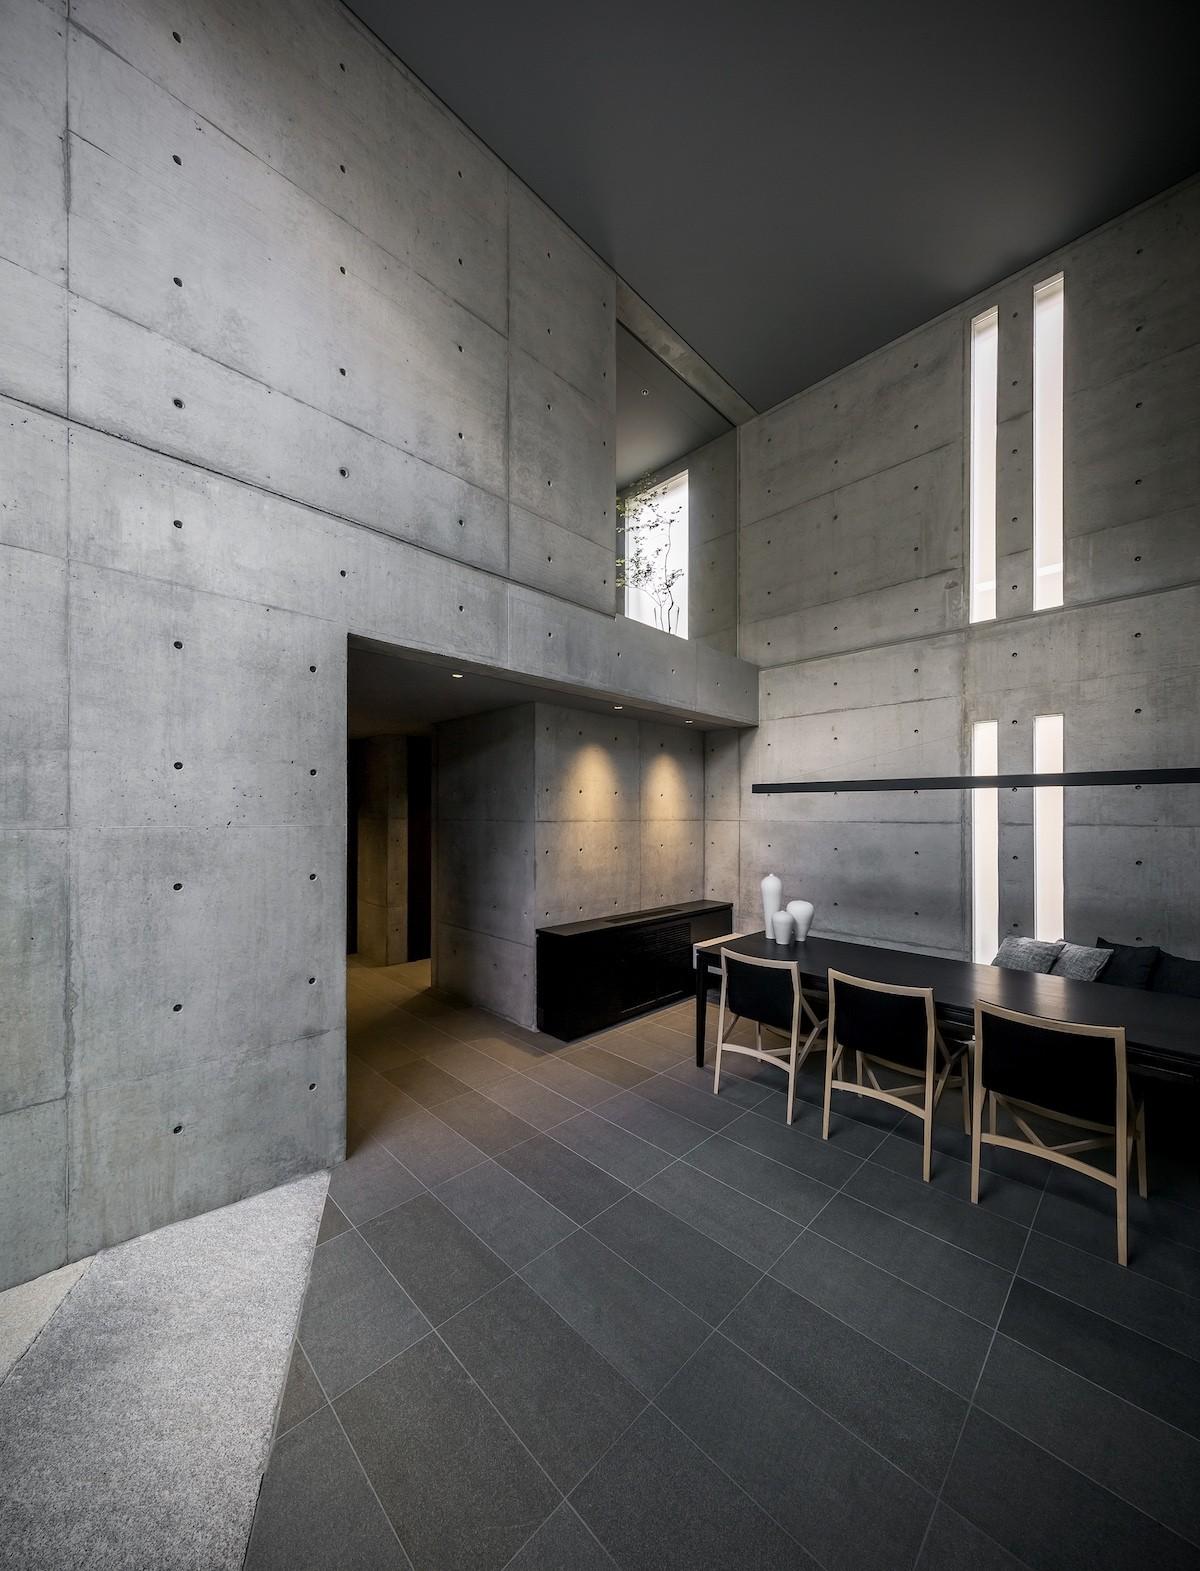 日本独立住宅F住宅建筑设计/GOSIZE